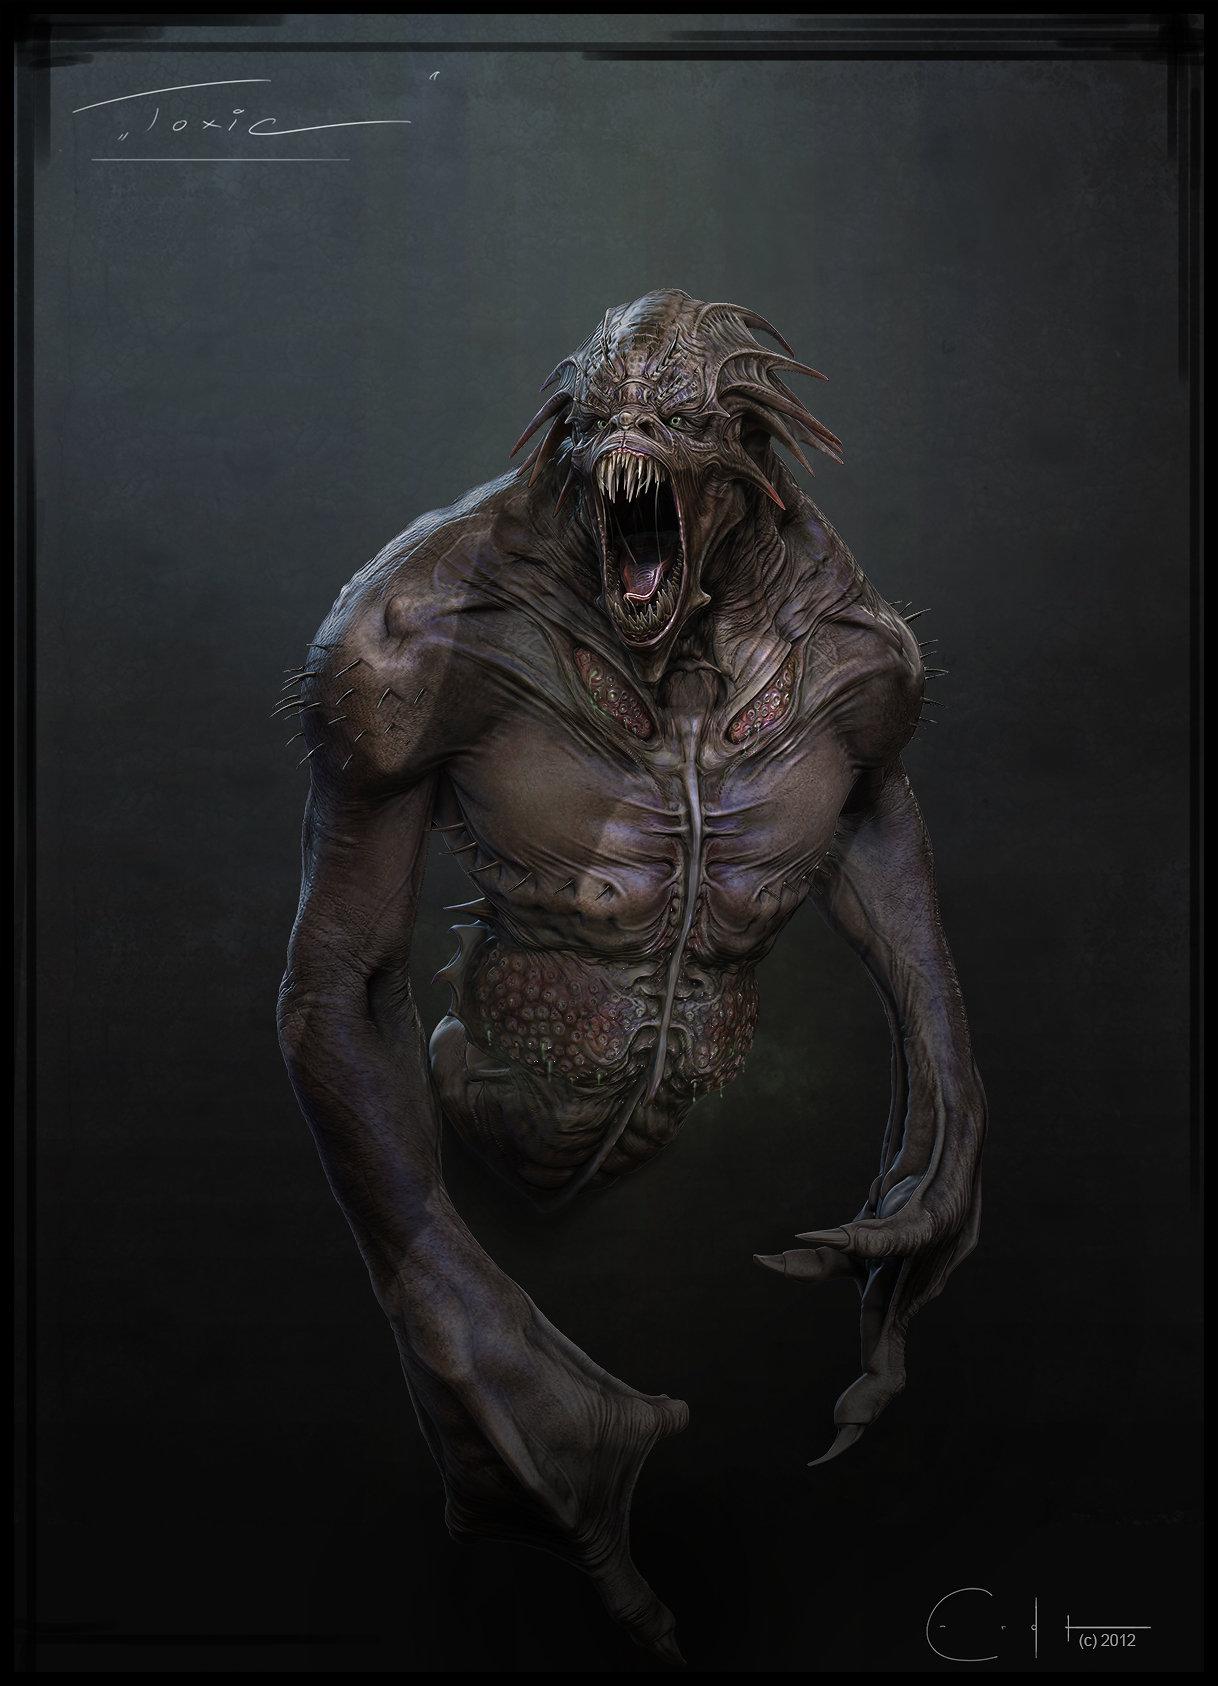 Taunt creature